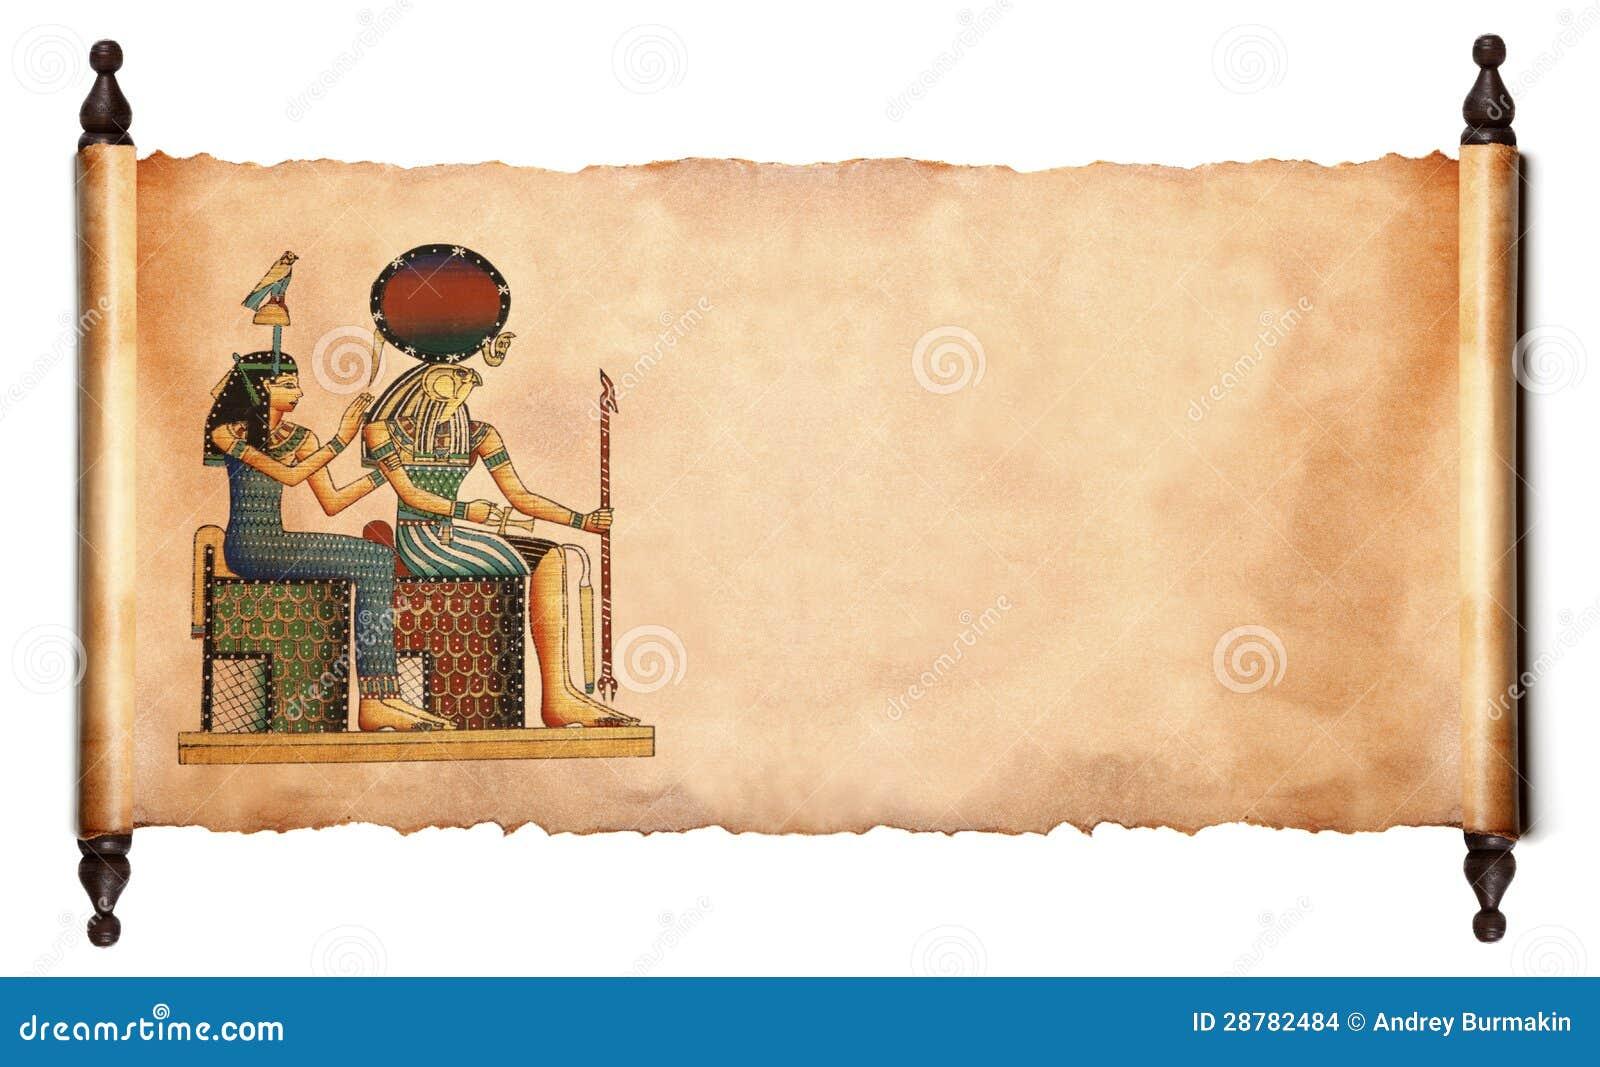 horus pharaoh